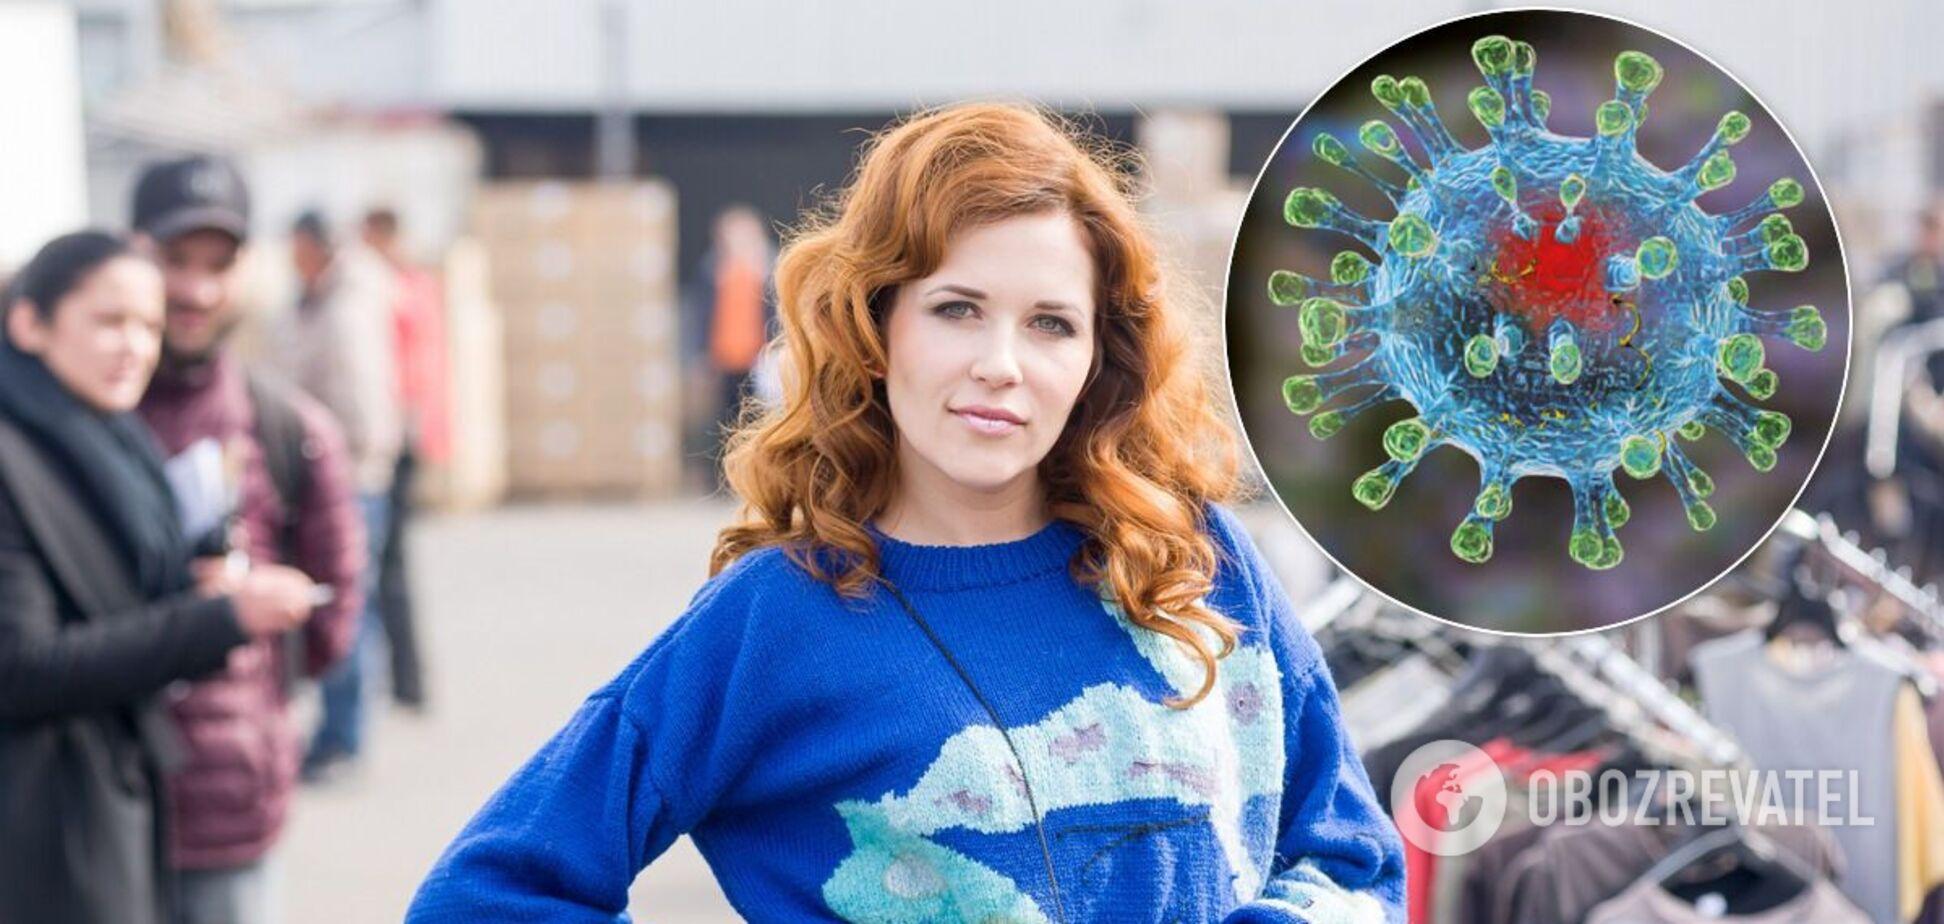 Ми в пекельному стані, вірус хитрий і небезпечний, – українська актриса про боротьбу з COVID-19